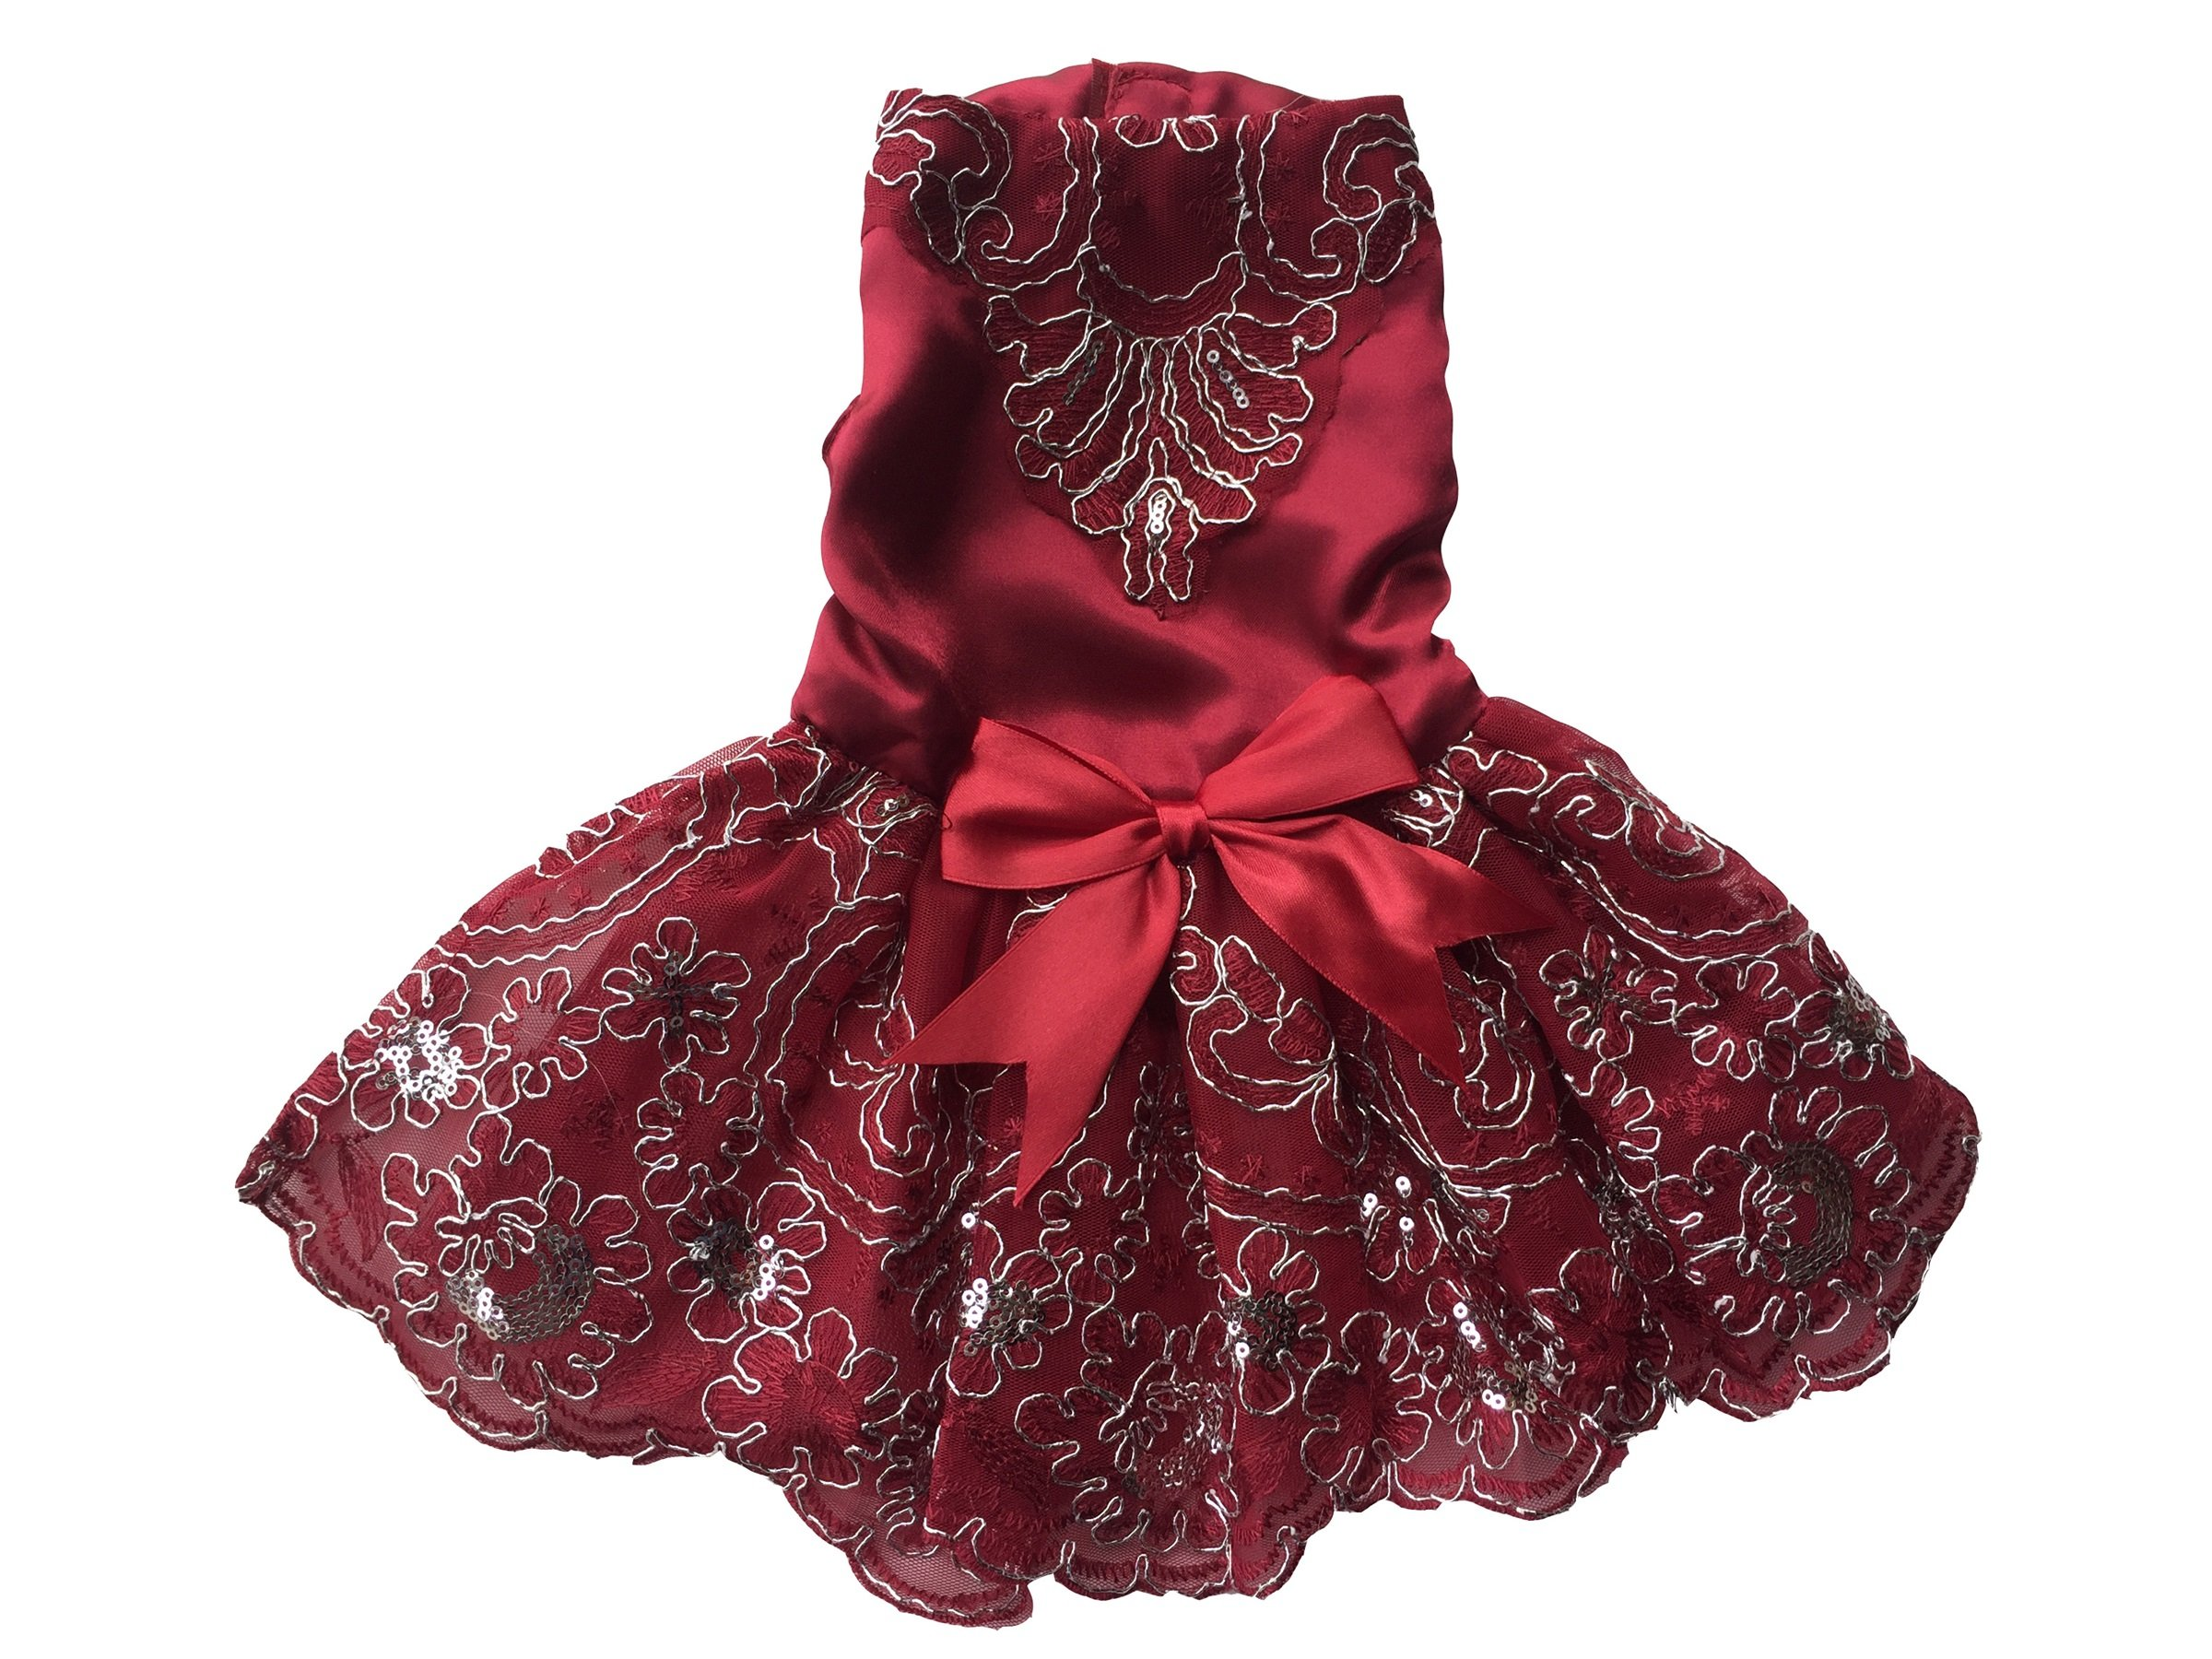 Vedem Pet Dog Floral Embroidered Lace Wedding Dress (L, Burgundy)